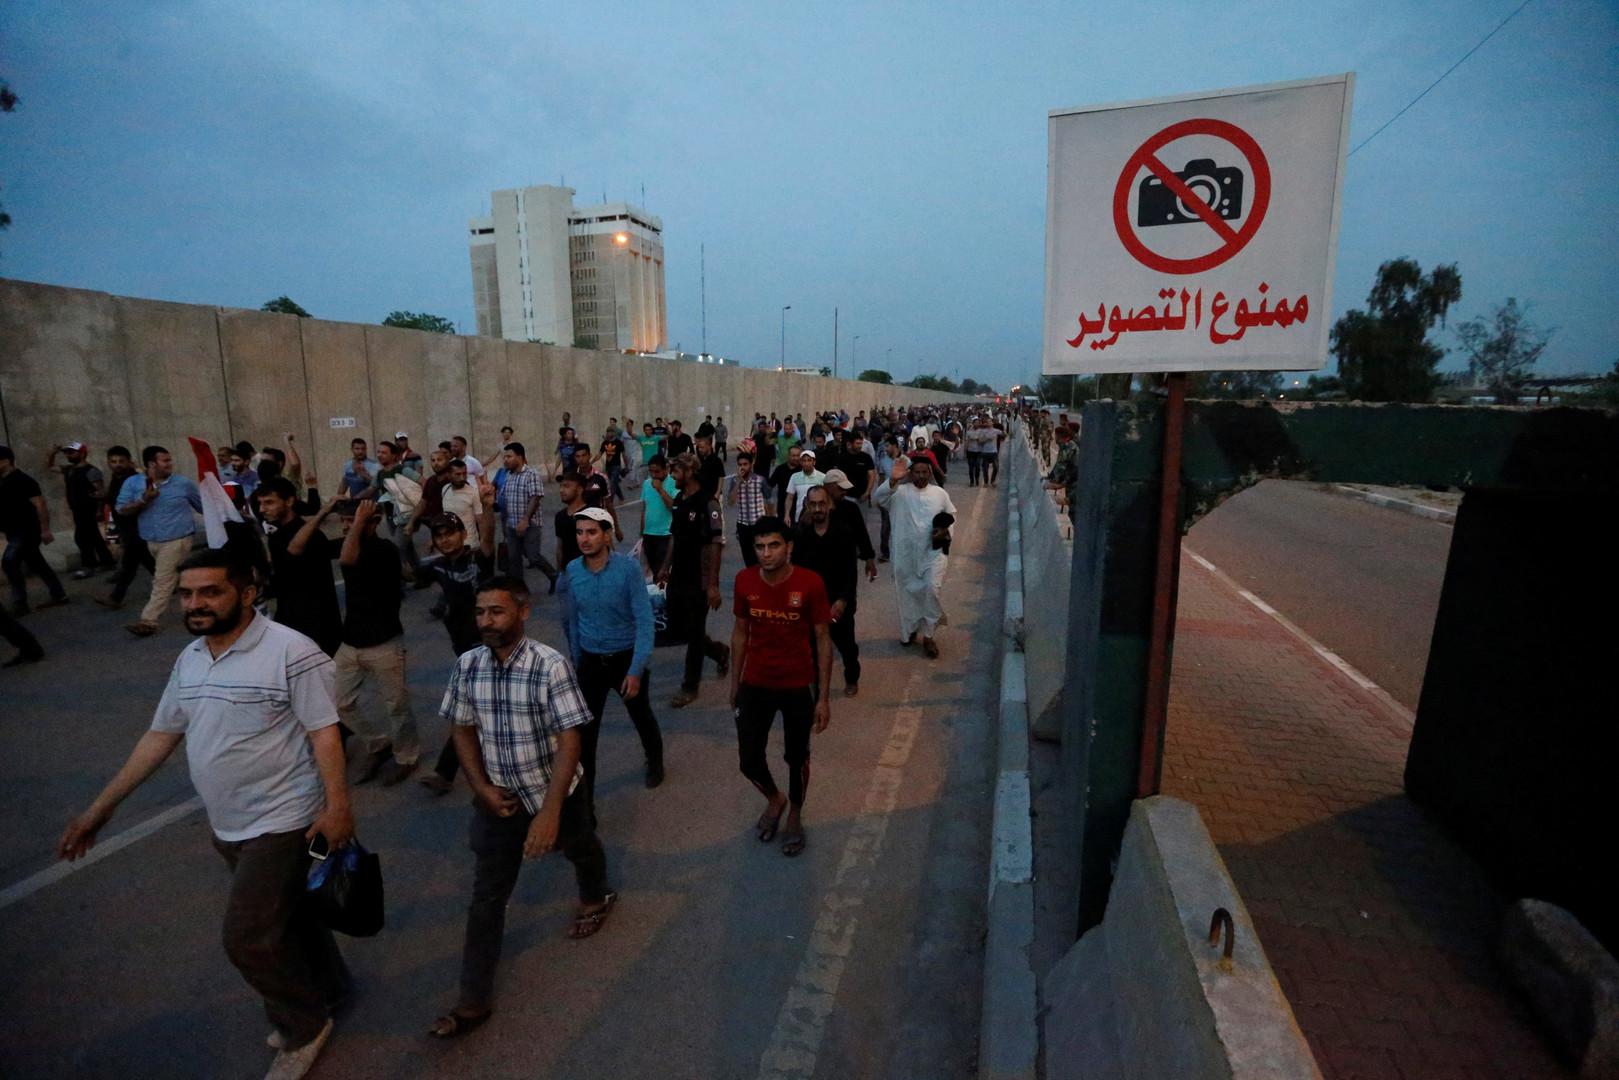 انسحاب المعتصمين من المنطقة الخضراء وسط بغداد